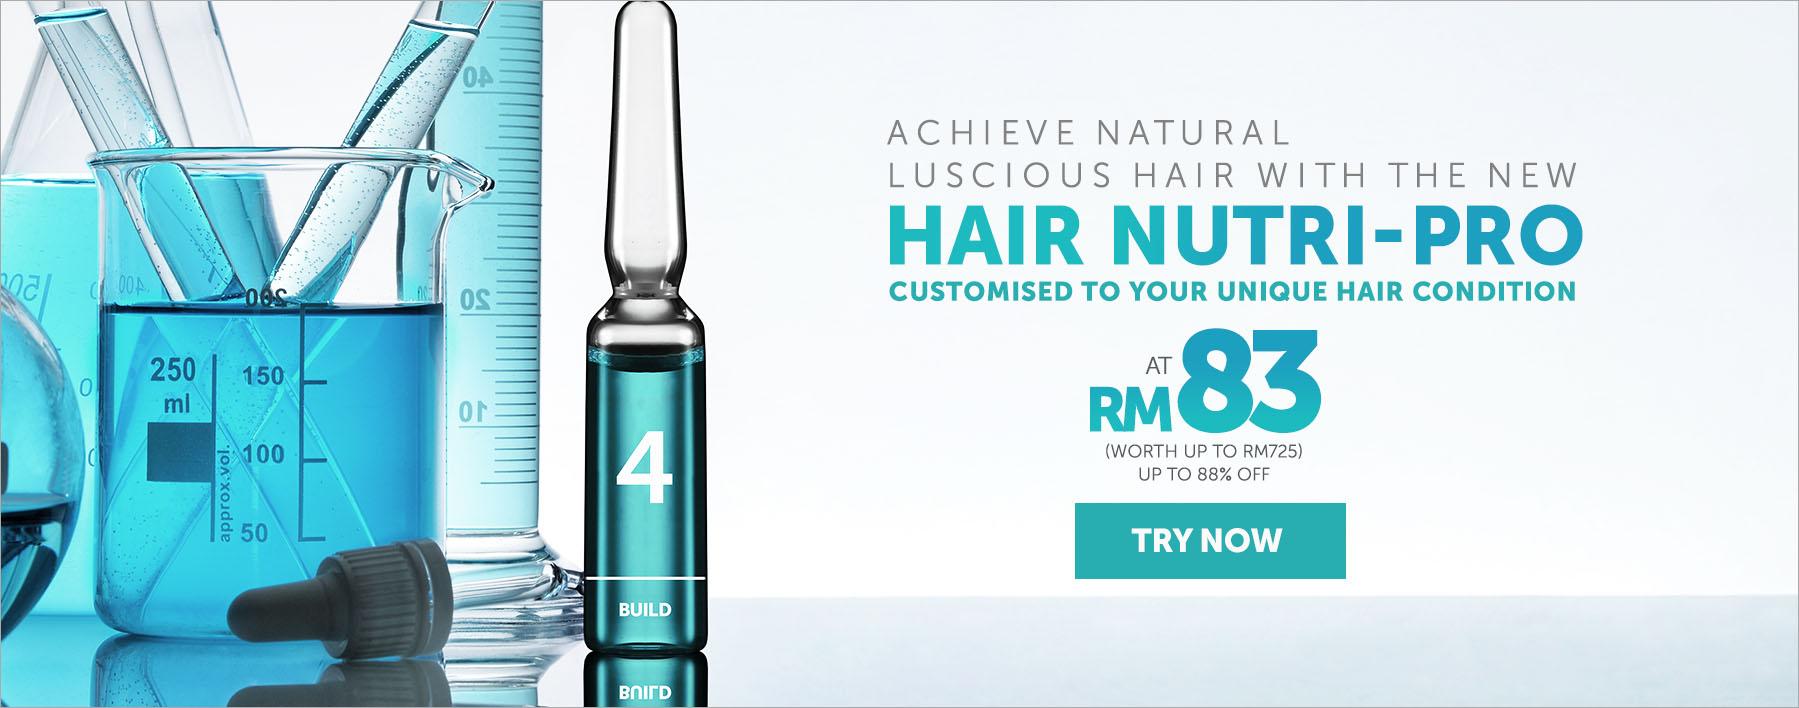 Achieve Natural Luscious Hair with Hair Nutri-Pro